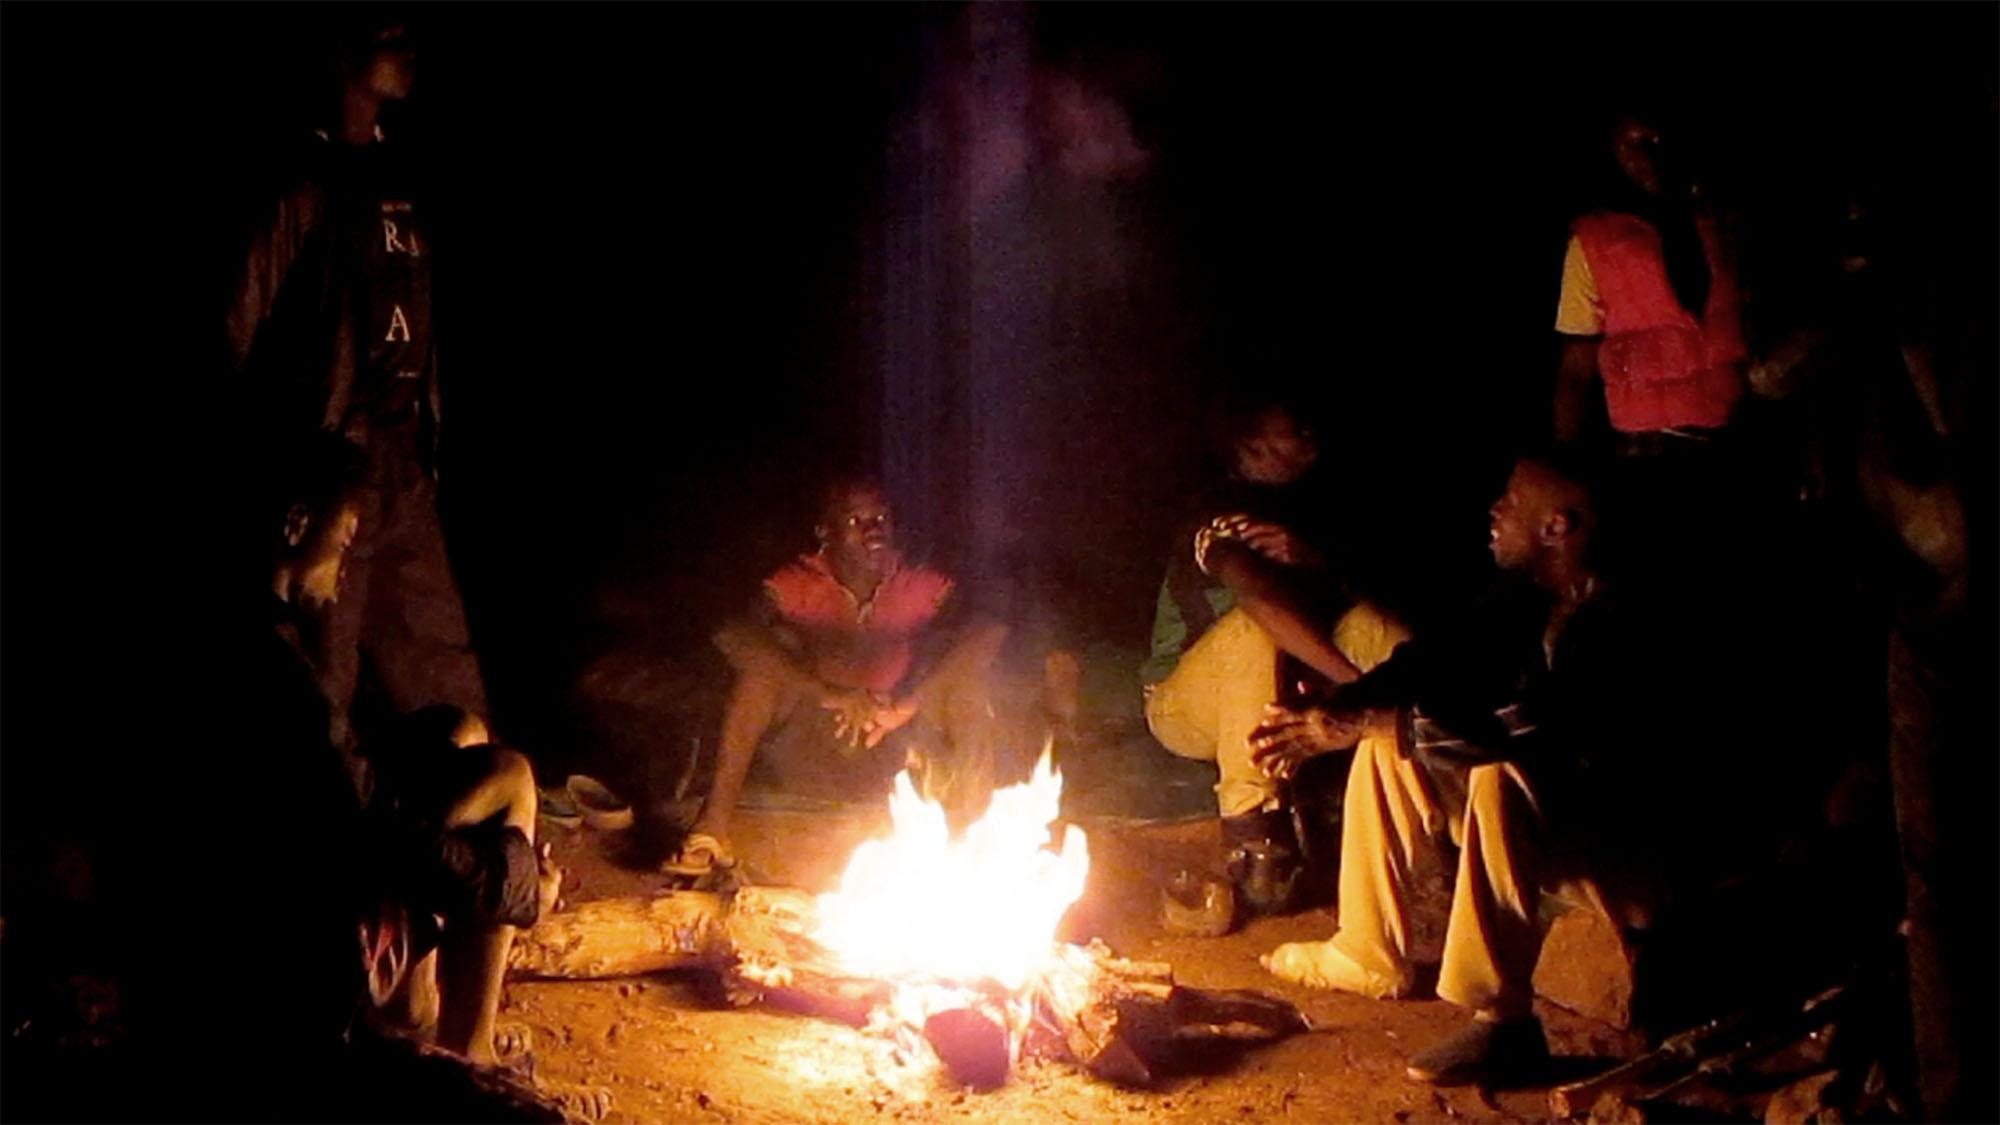 6_Bonfire in camp_LES SAUTEURS.jpg